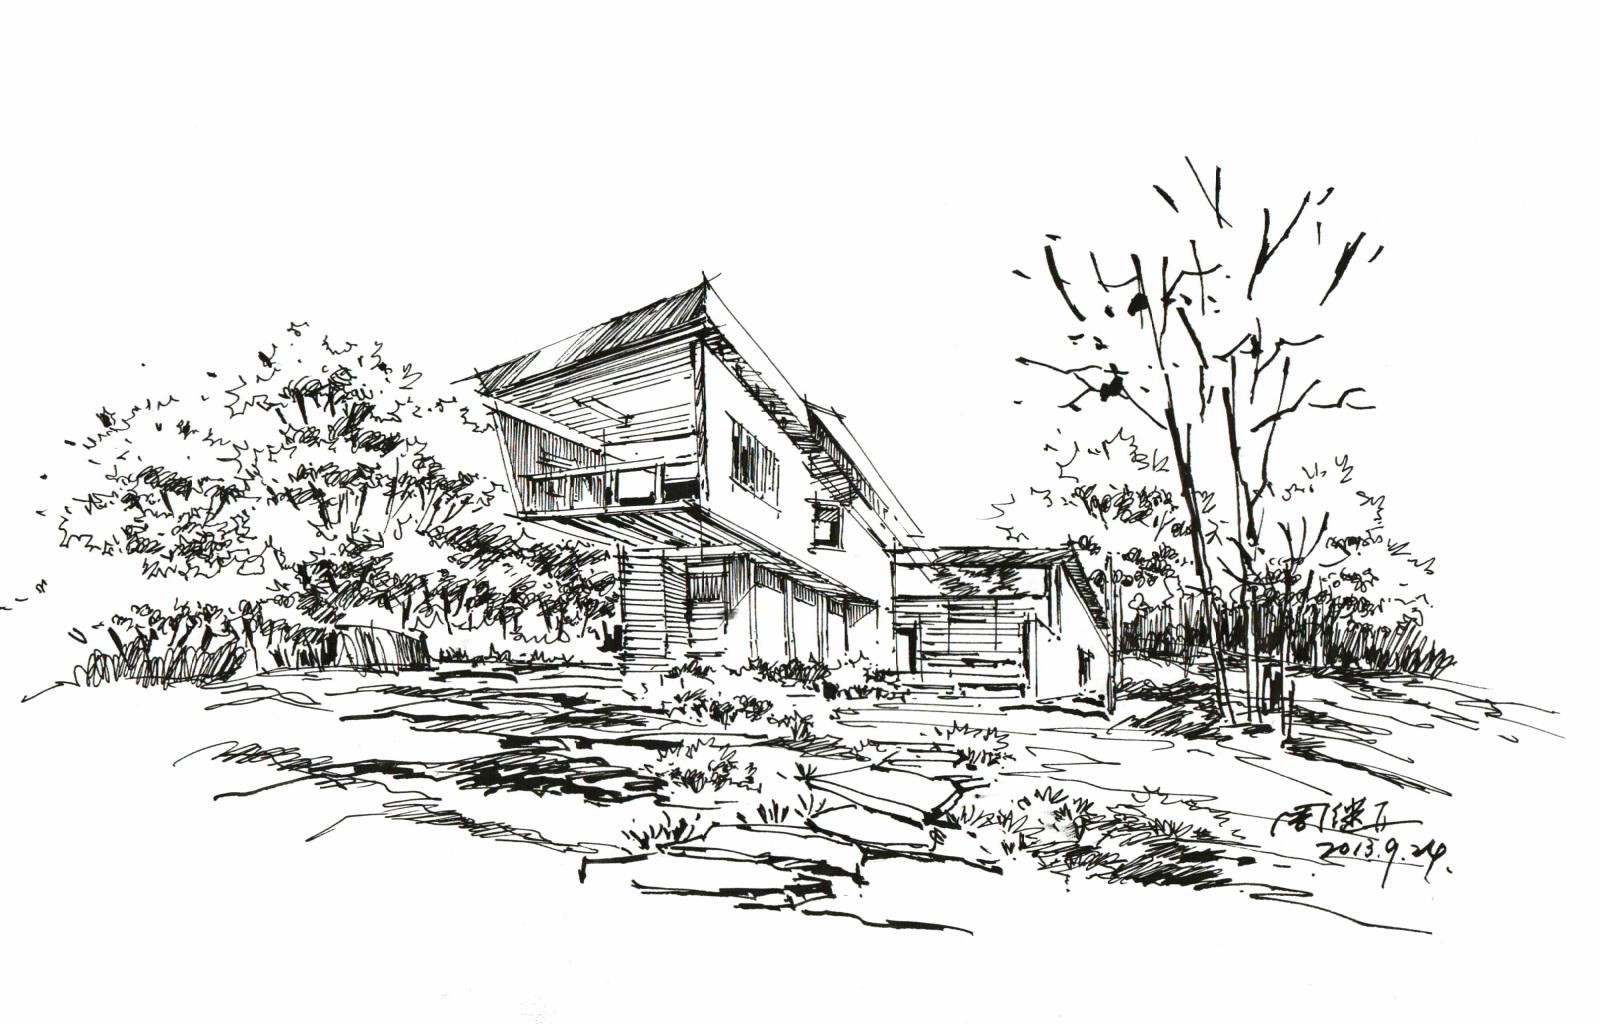 手绘建筑,手绘画,上色图片,建筑效果图,马克笔手绘,建筑设计,室内设计surfacepro适合平面设计图片